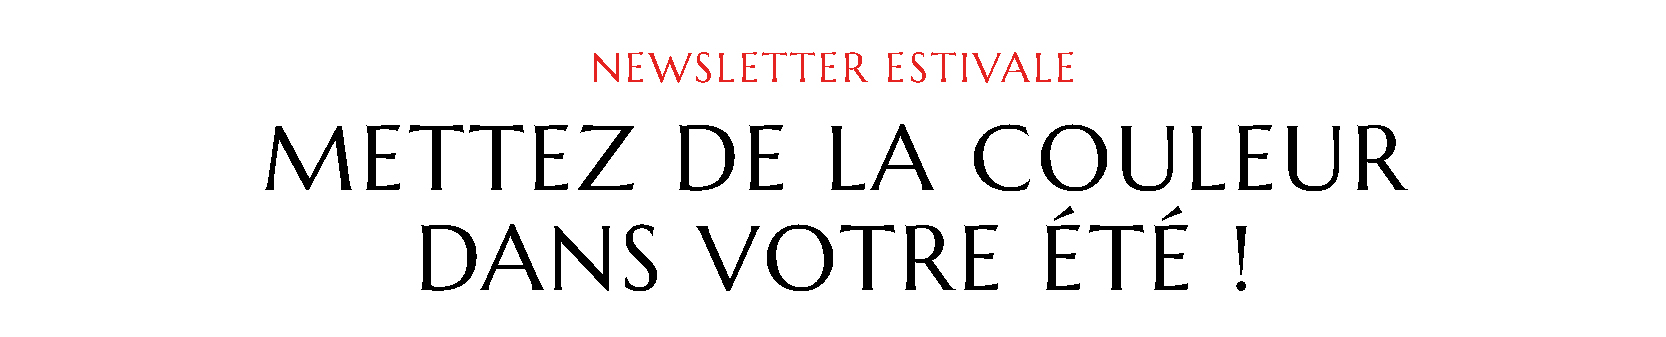 LUC-Newsletter#112-titre.jpg